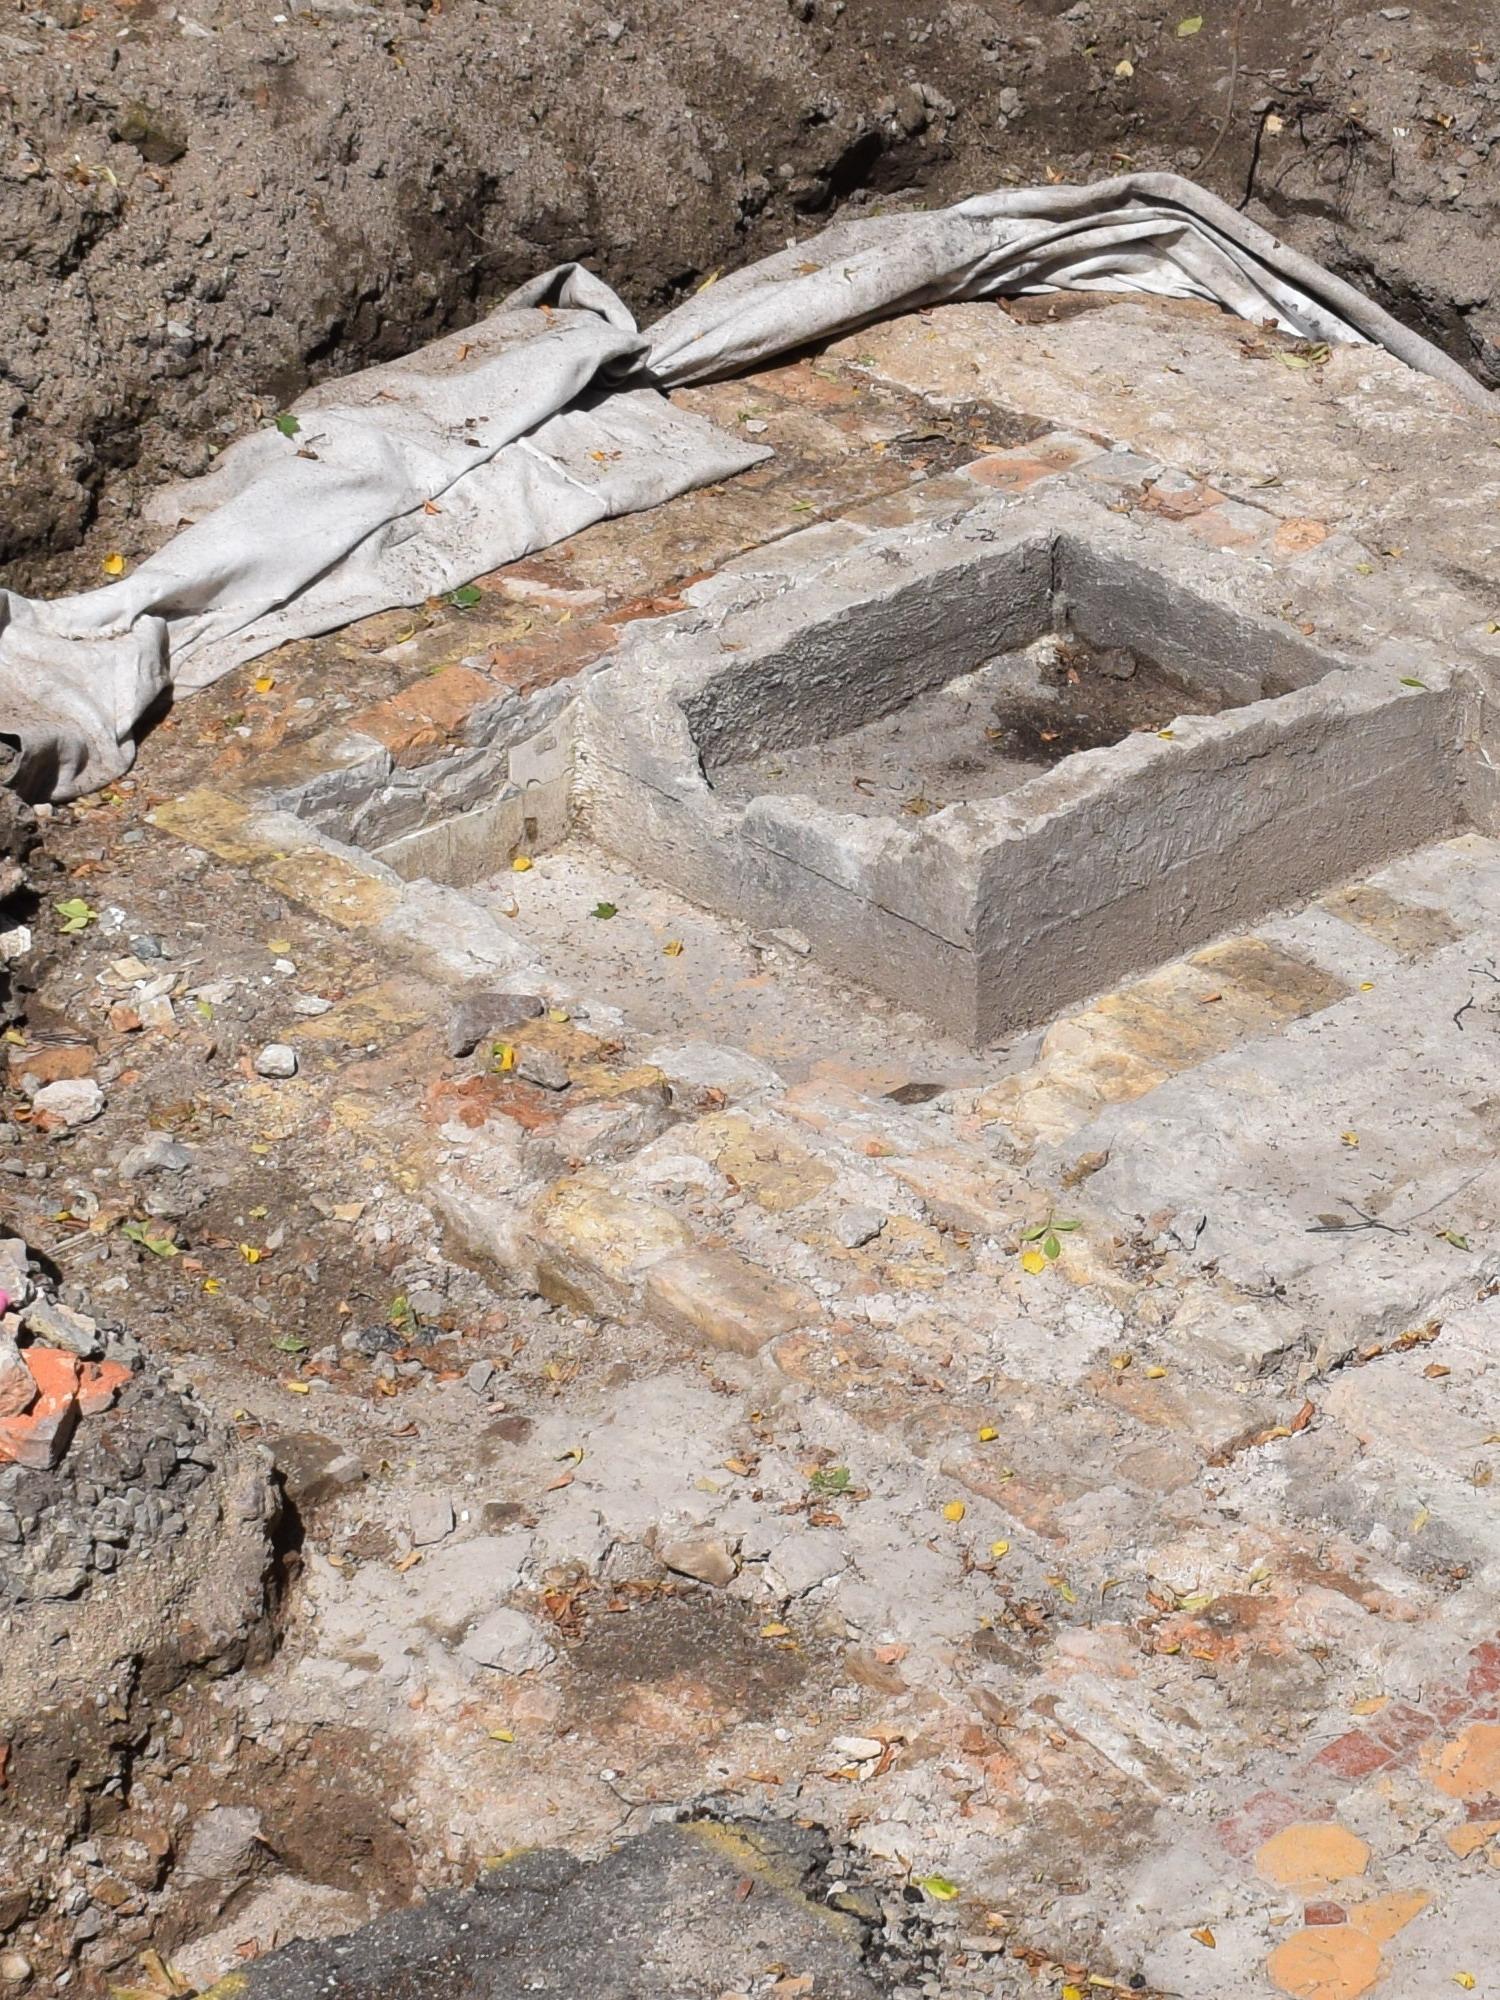 לאחר 63 שנה נחשפה מחדש בימת בית הכנסת הגדול של וילנה